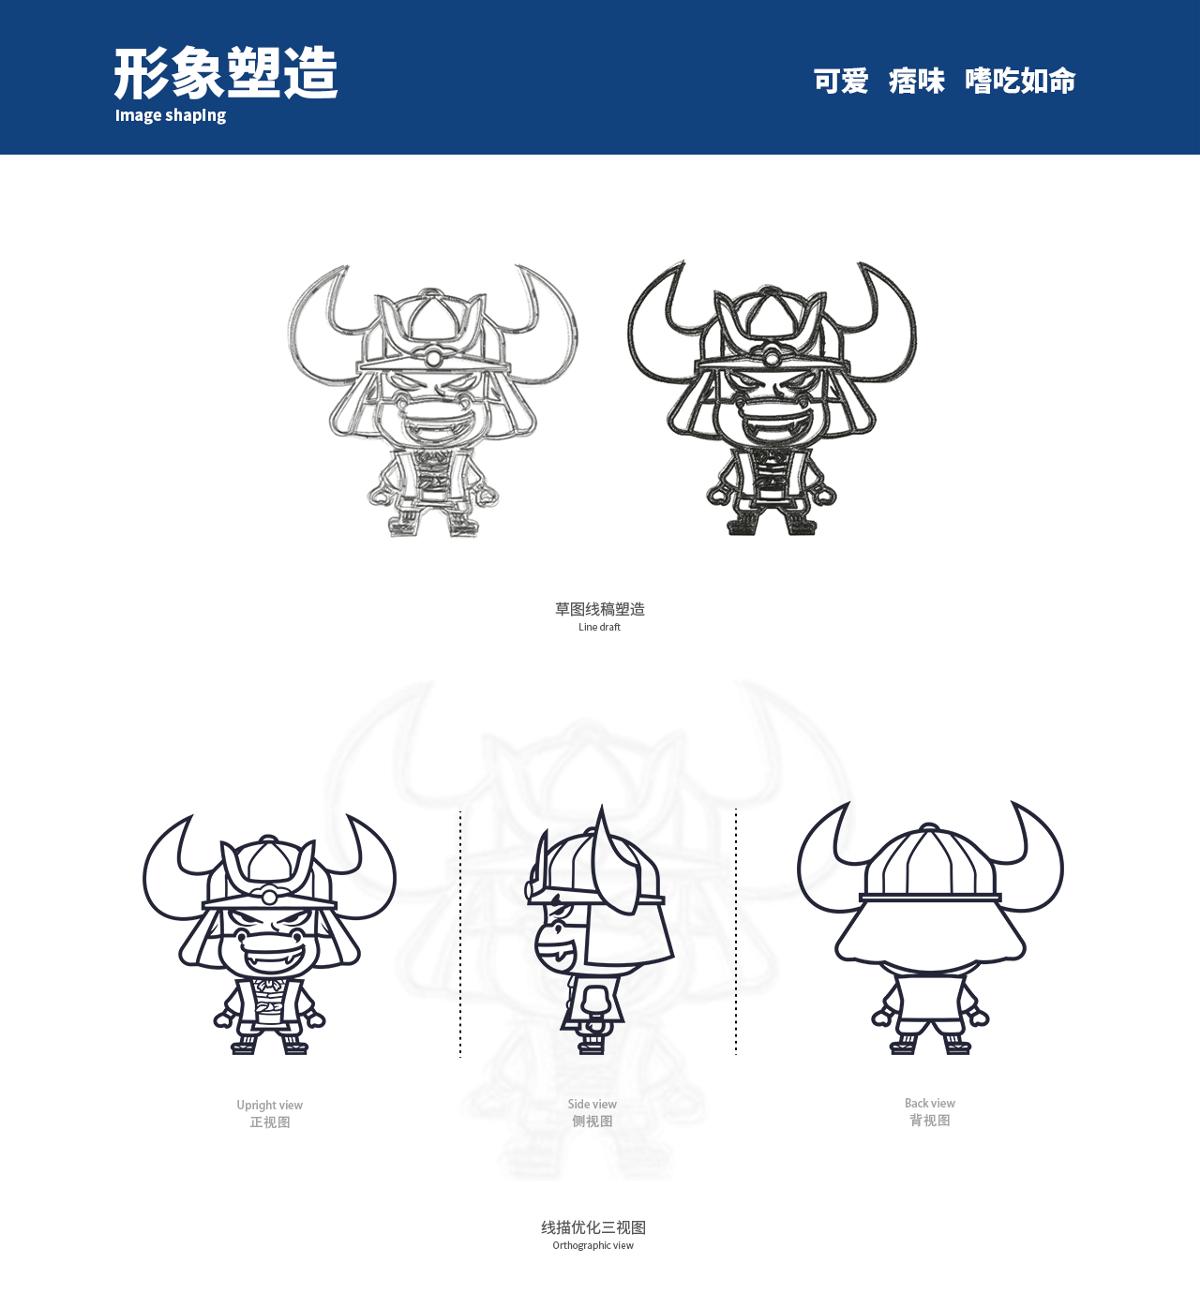 嗨皮牛·餐饮IP形象设计